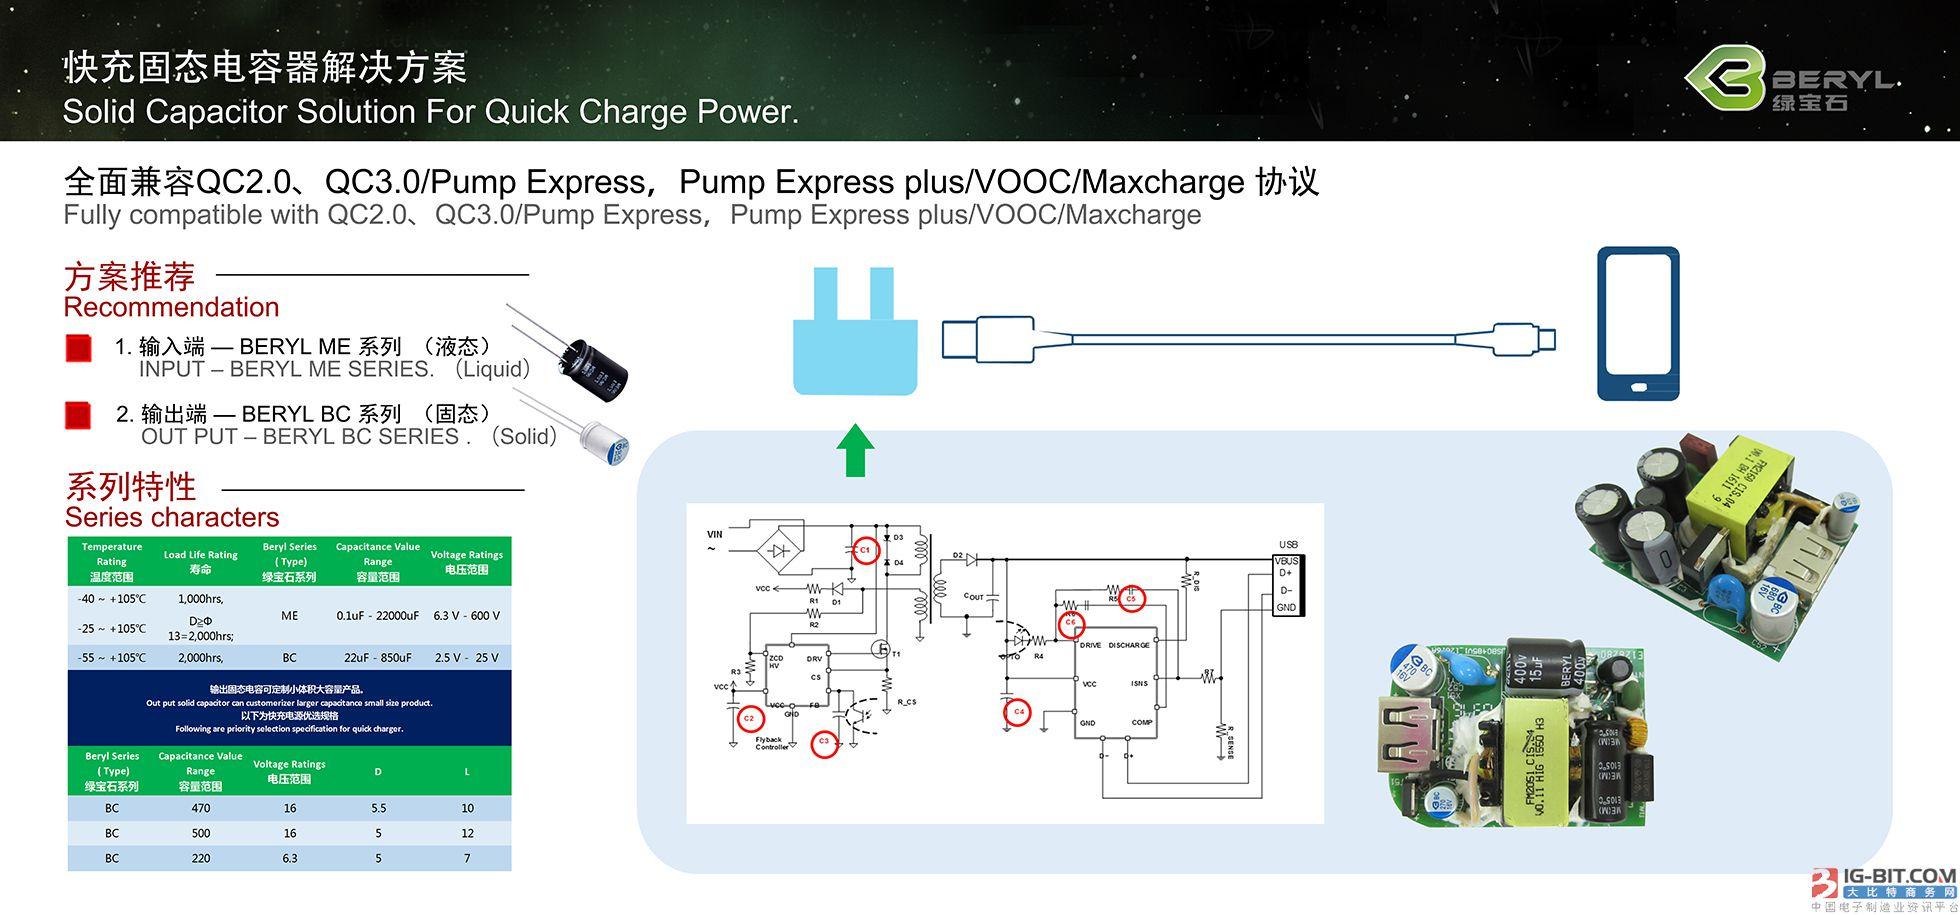 快充固态电容器解决方案